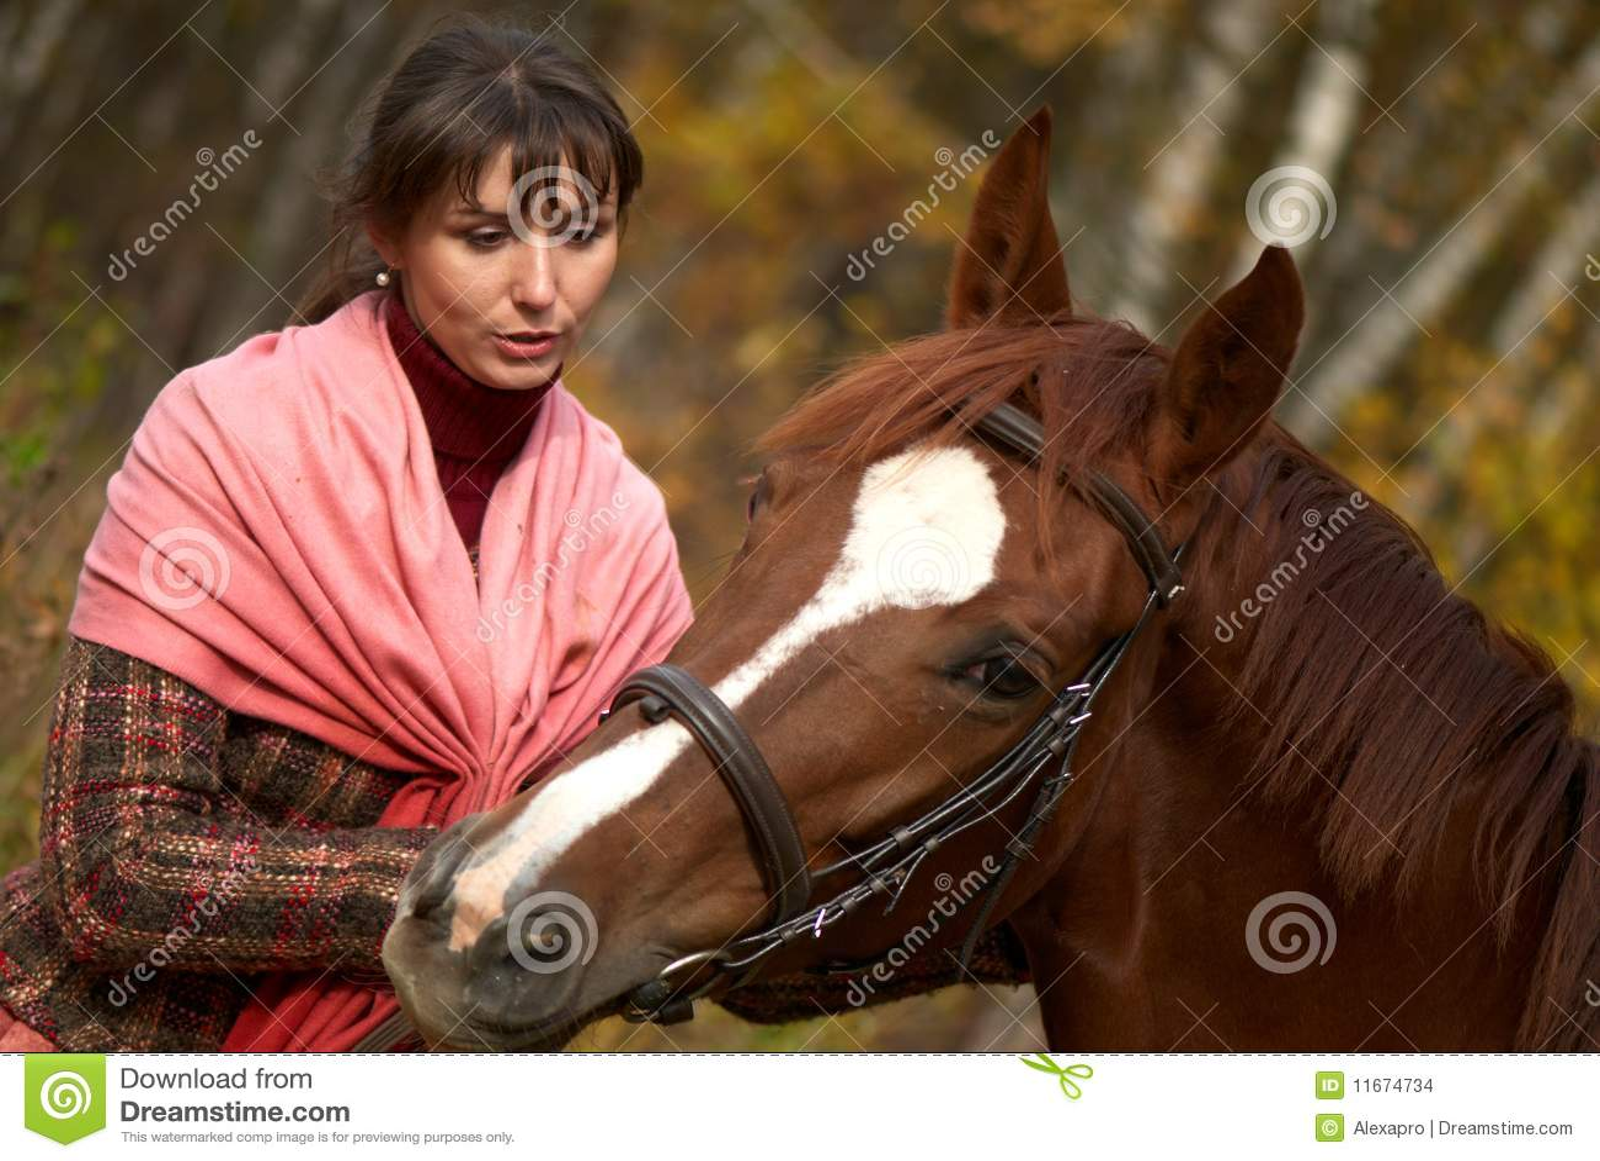 Junges Mädchen und ihr Pferd